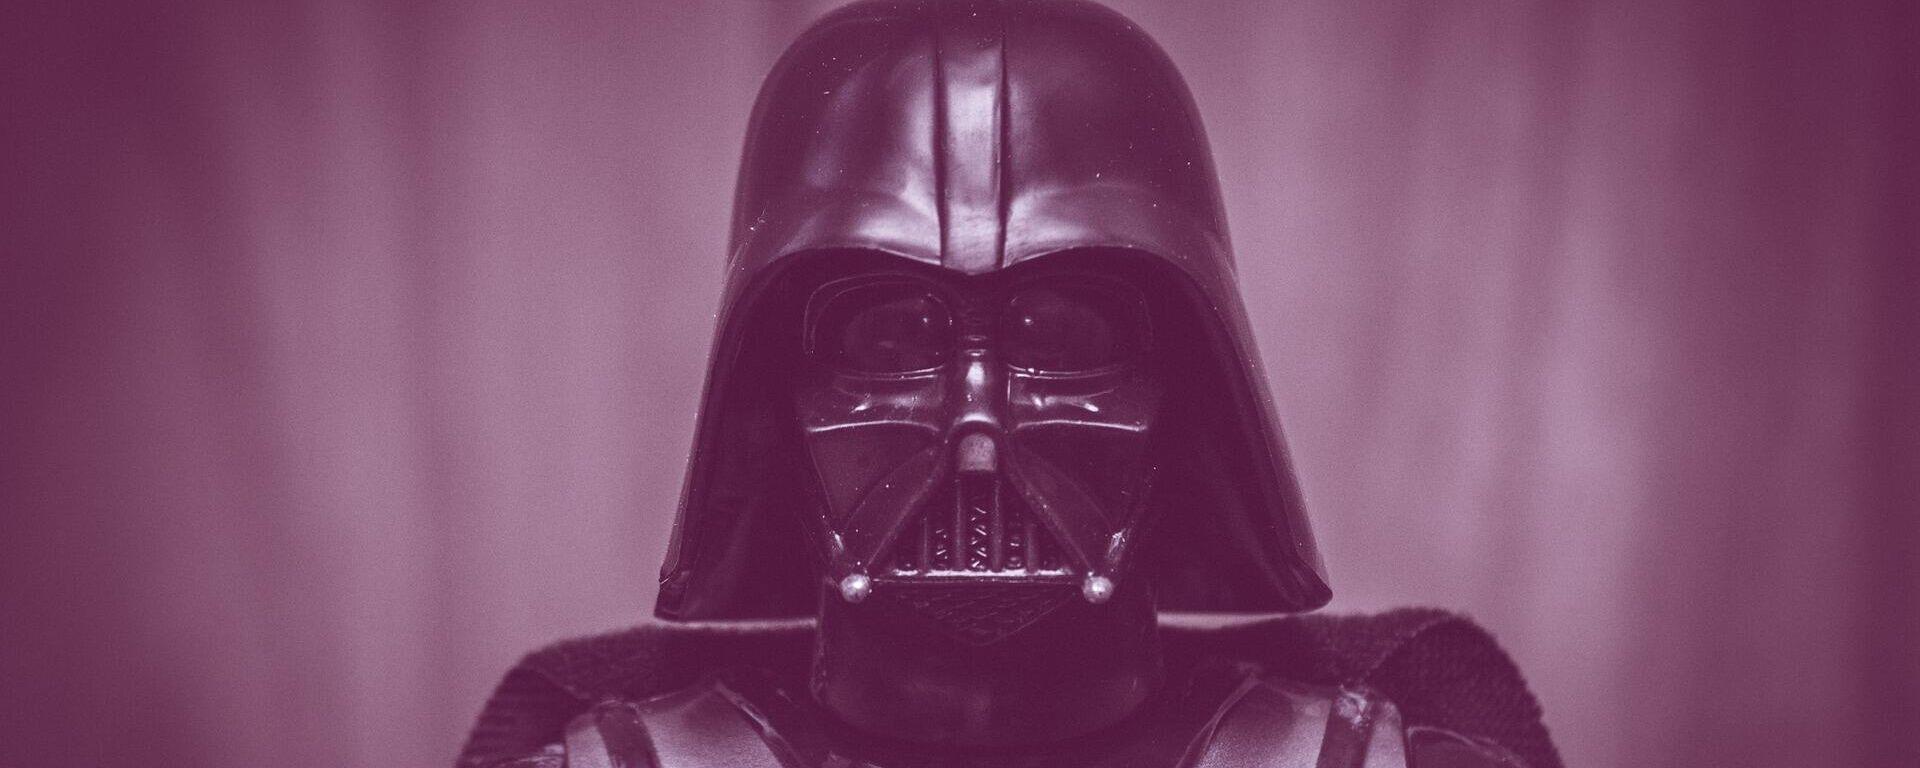 Una figura del personaje Darth Vader, de la saga de 'Star Wars' o 'La Guerra de las Galaxias' - Sputnik Mundo, 1920, 28.07.2021